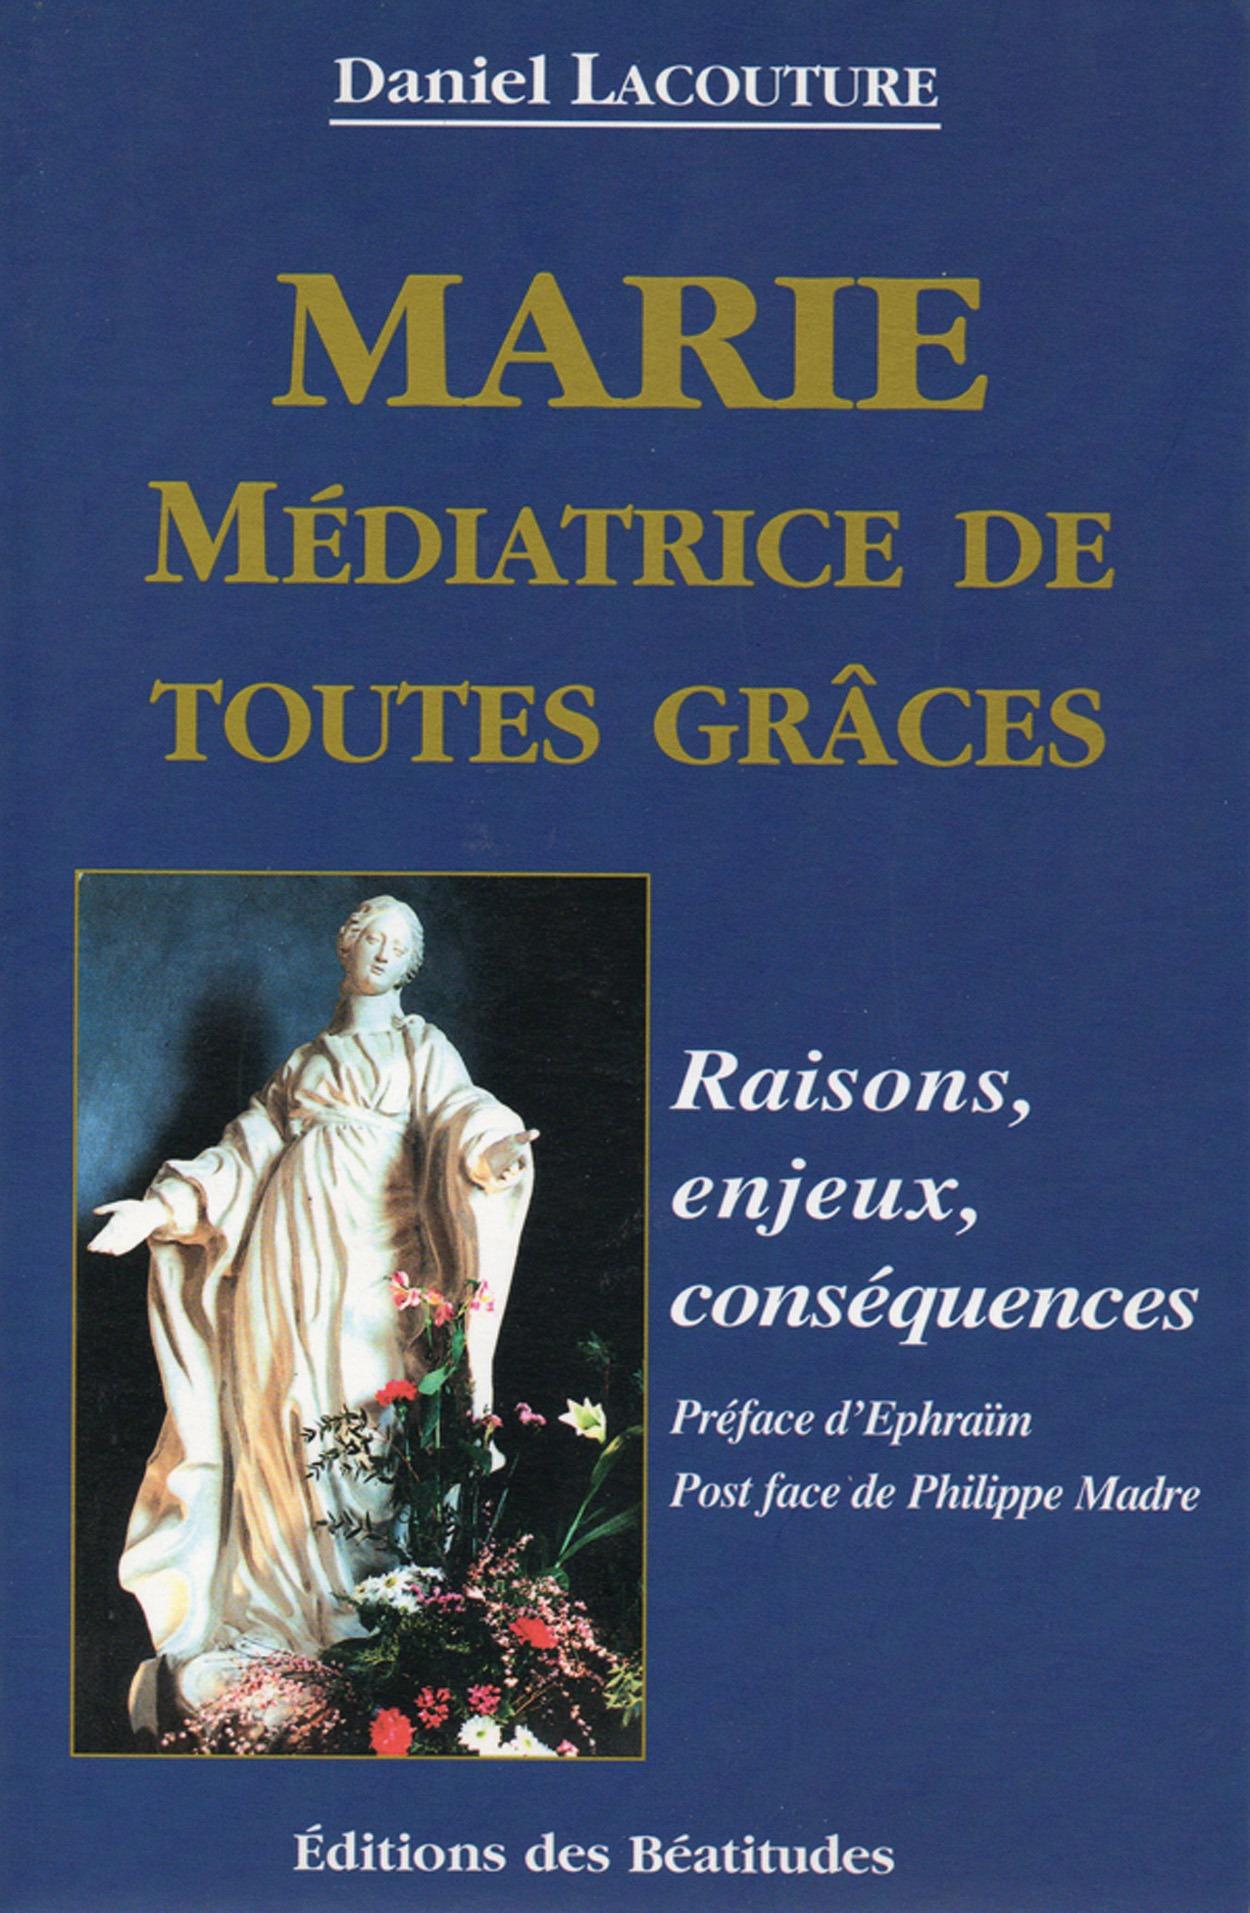 Marie Médiatrice de toutes grâces  - Daniel Lacouture